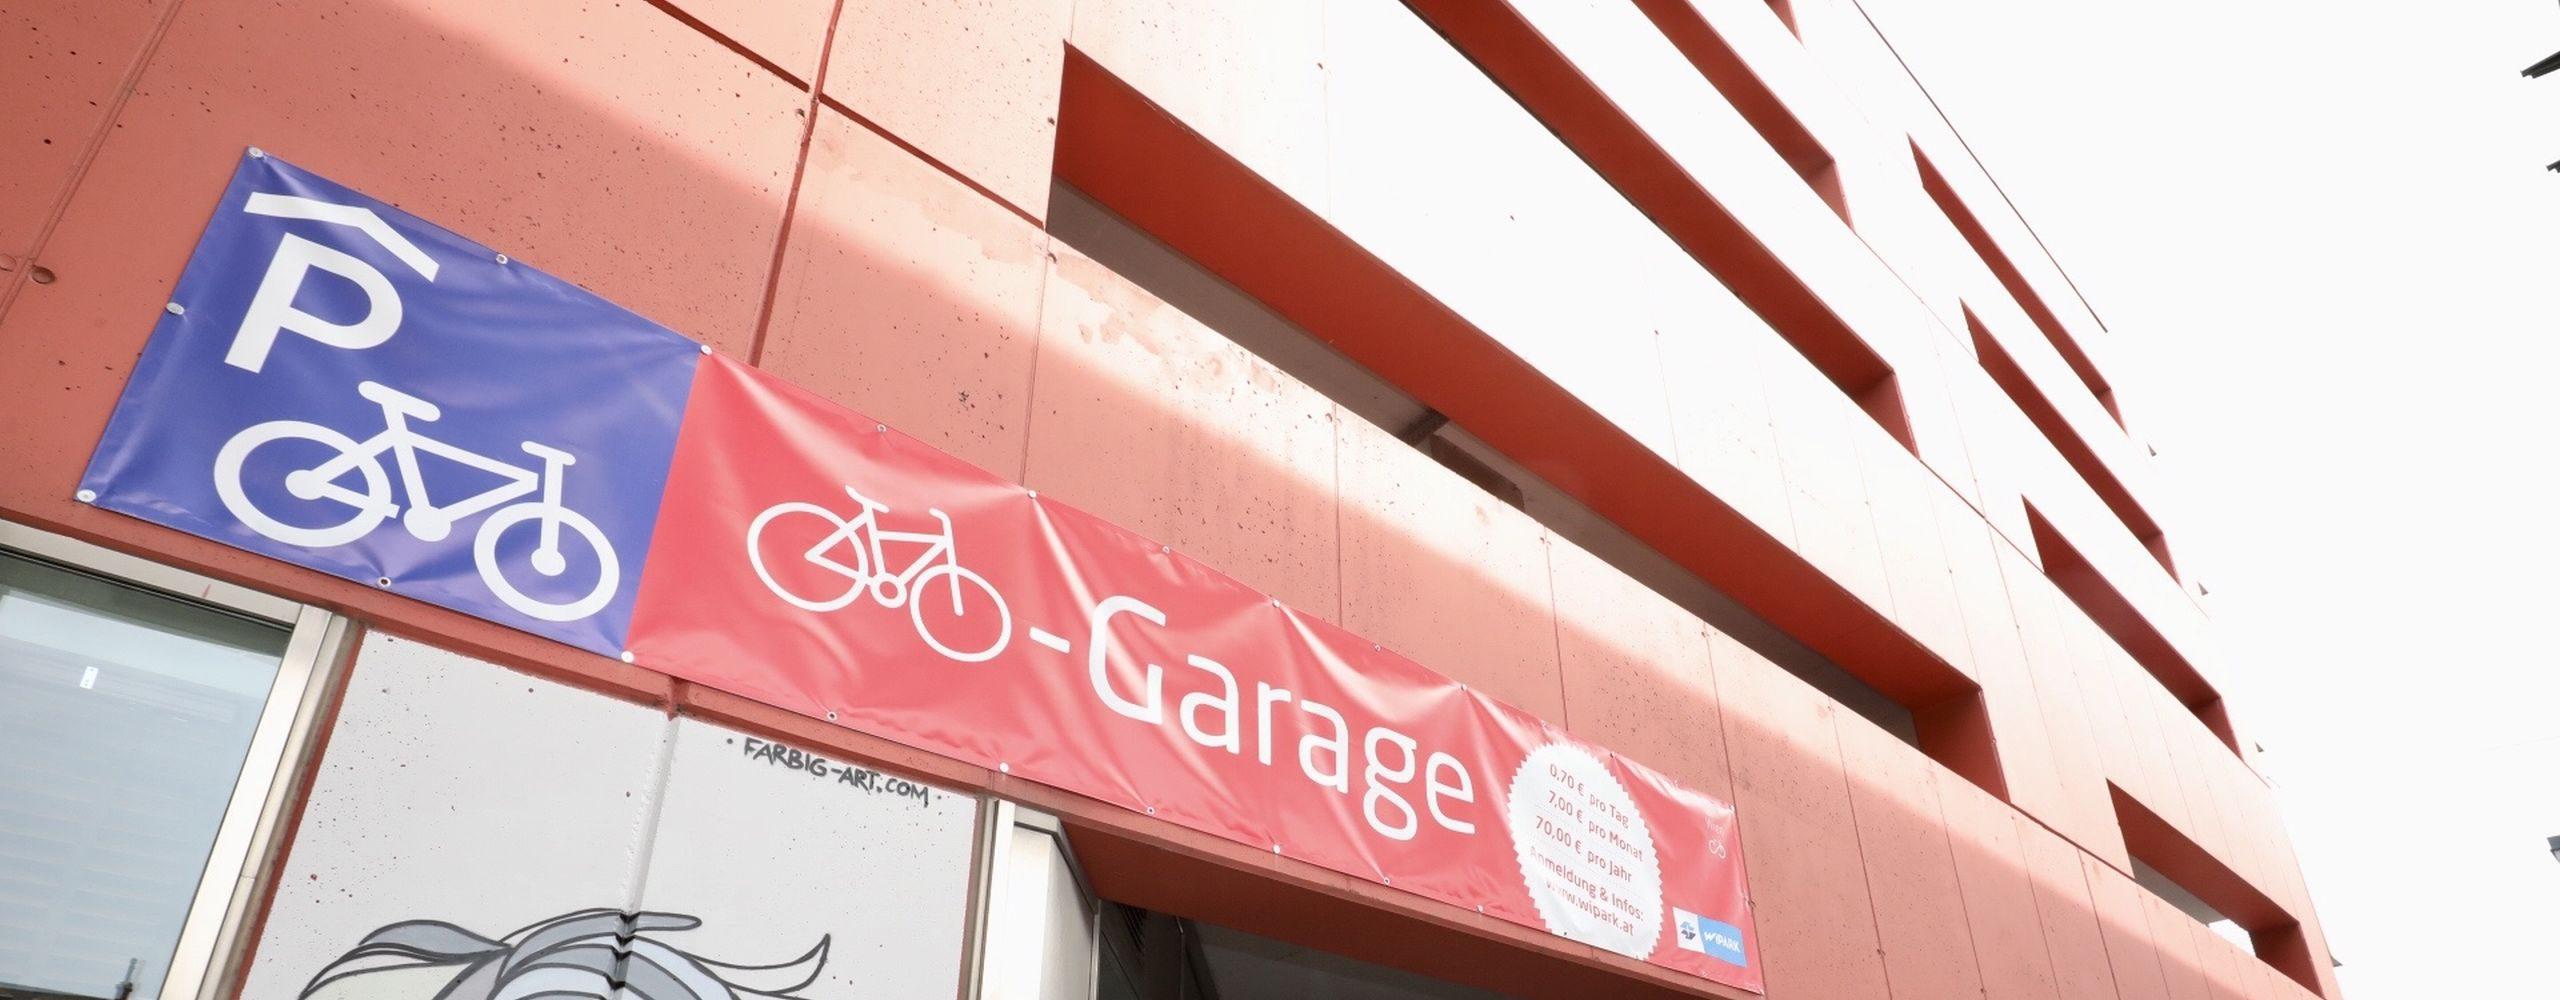 Im April 2018 eröffnete eine Bike&Ride Garage für Radfahrende in Liesing. In der überdachte Garage in der Wipark-Parkgarage haben 28 Fahrräder Platz. Foto: Christian Fürthner